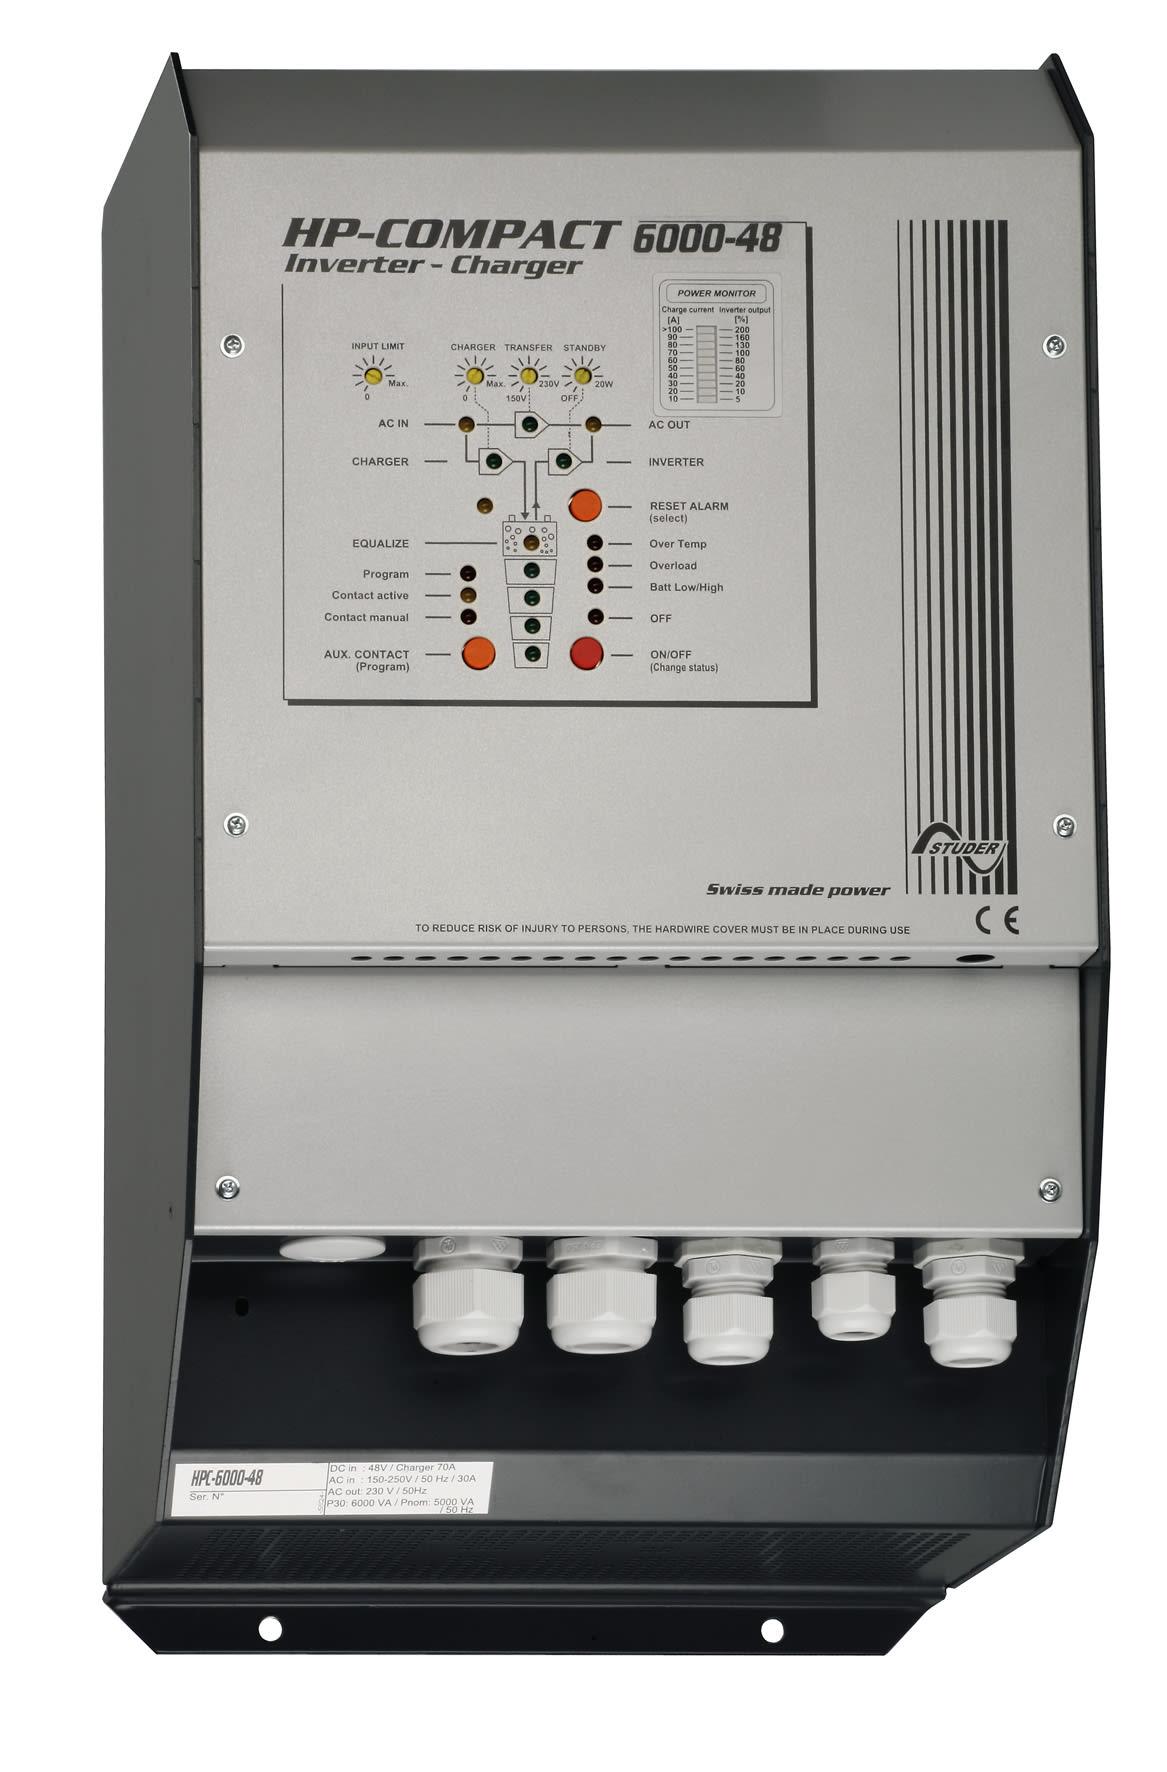 ББП Studer HP Compact